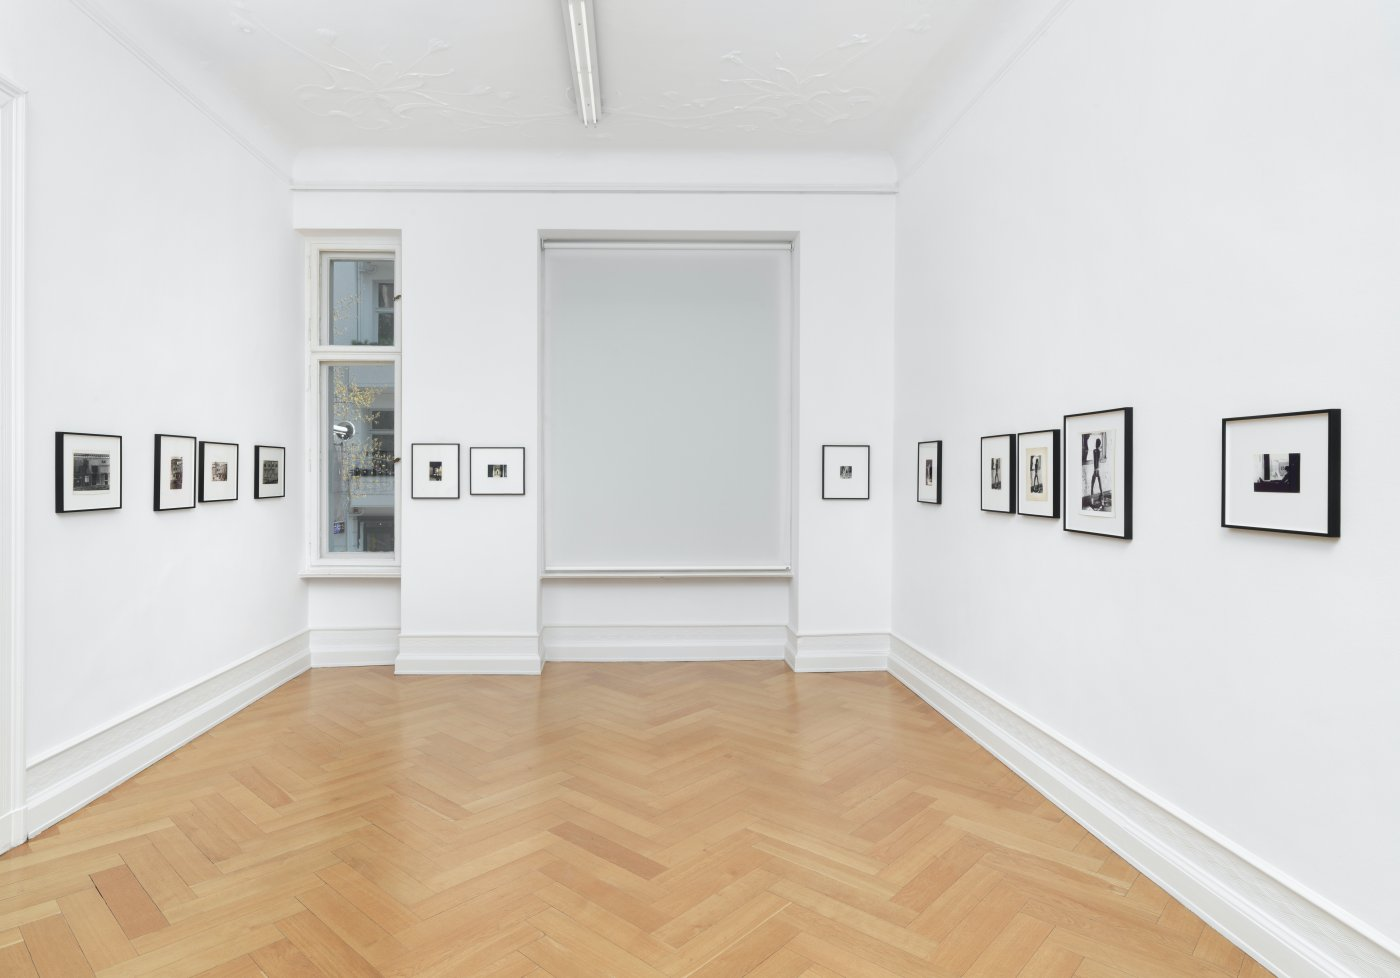 Galerie Buchholz Berlin Alvin Baltrop 4